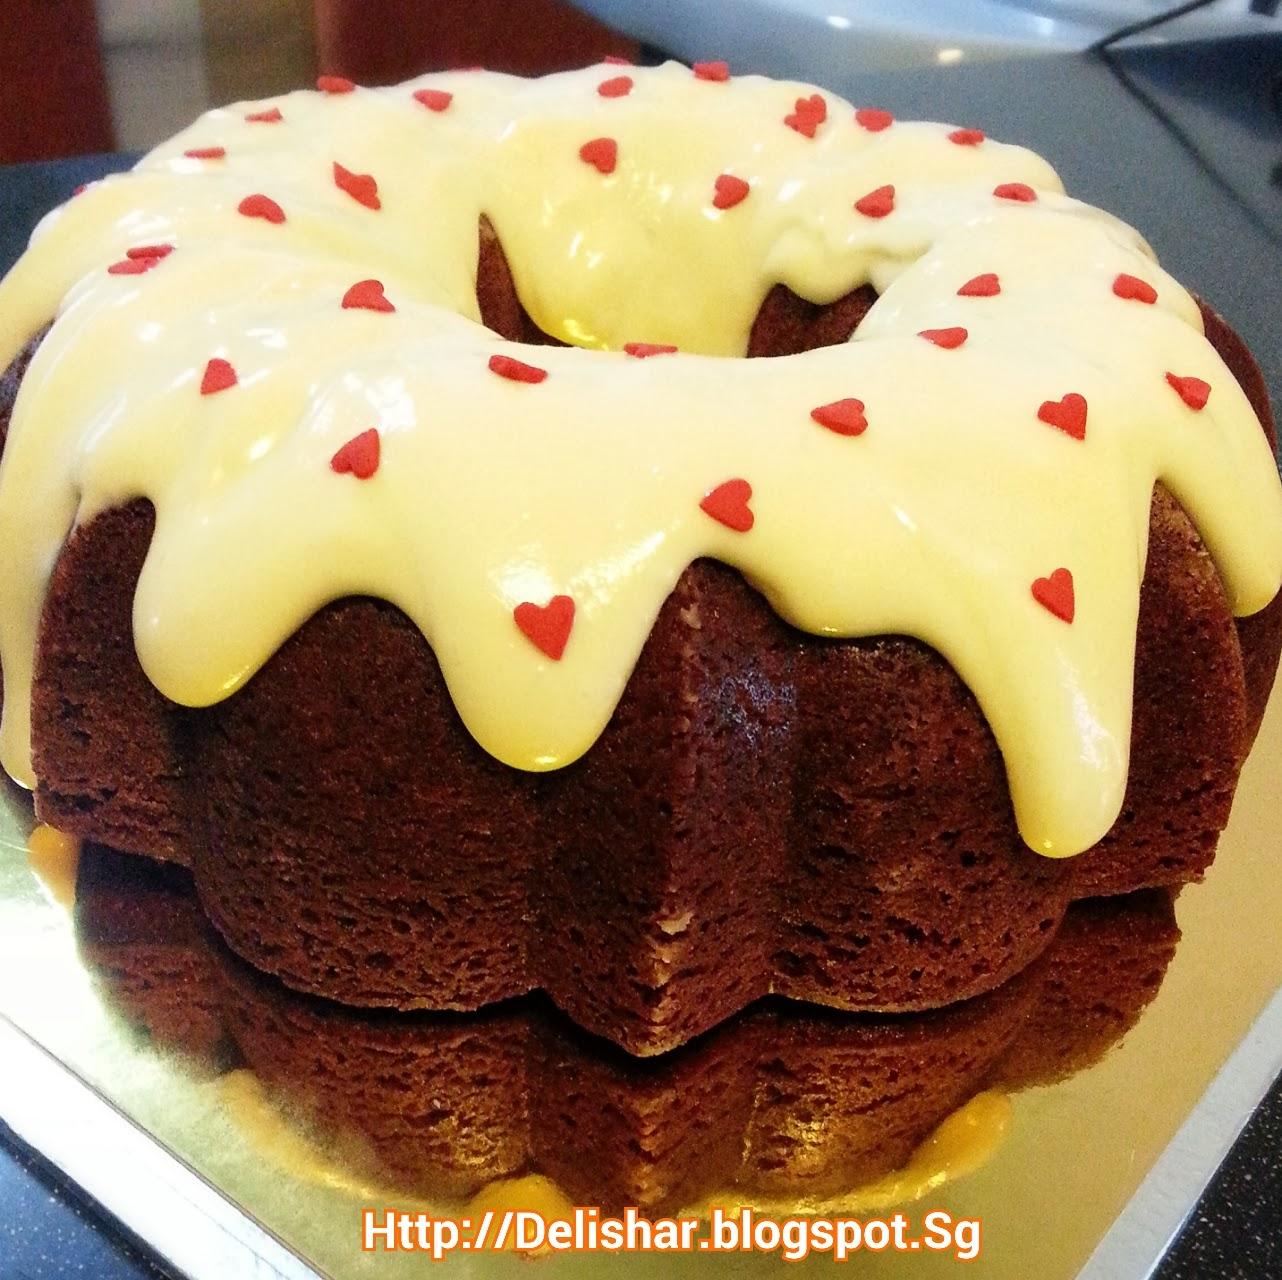 ... kitchen adventure : Red Velvet Bundt Cake with Cream Cheese Glaze